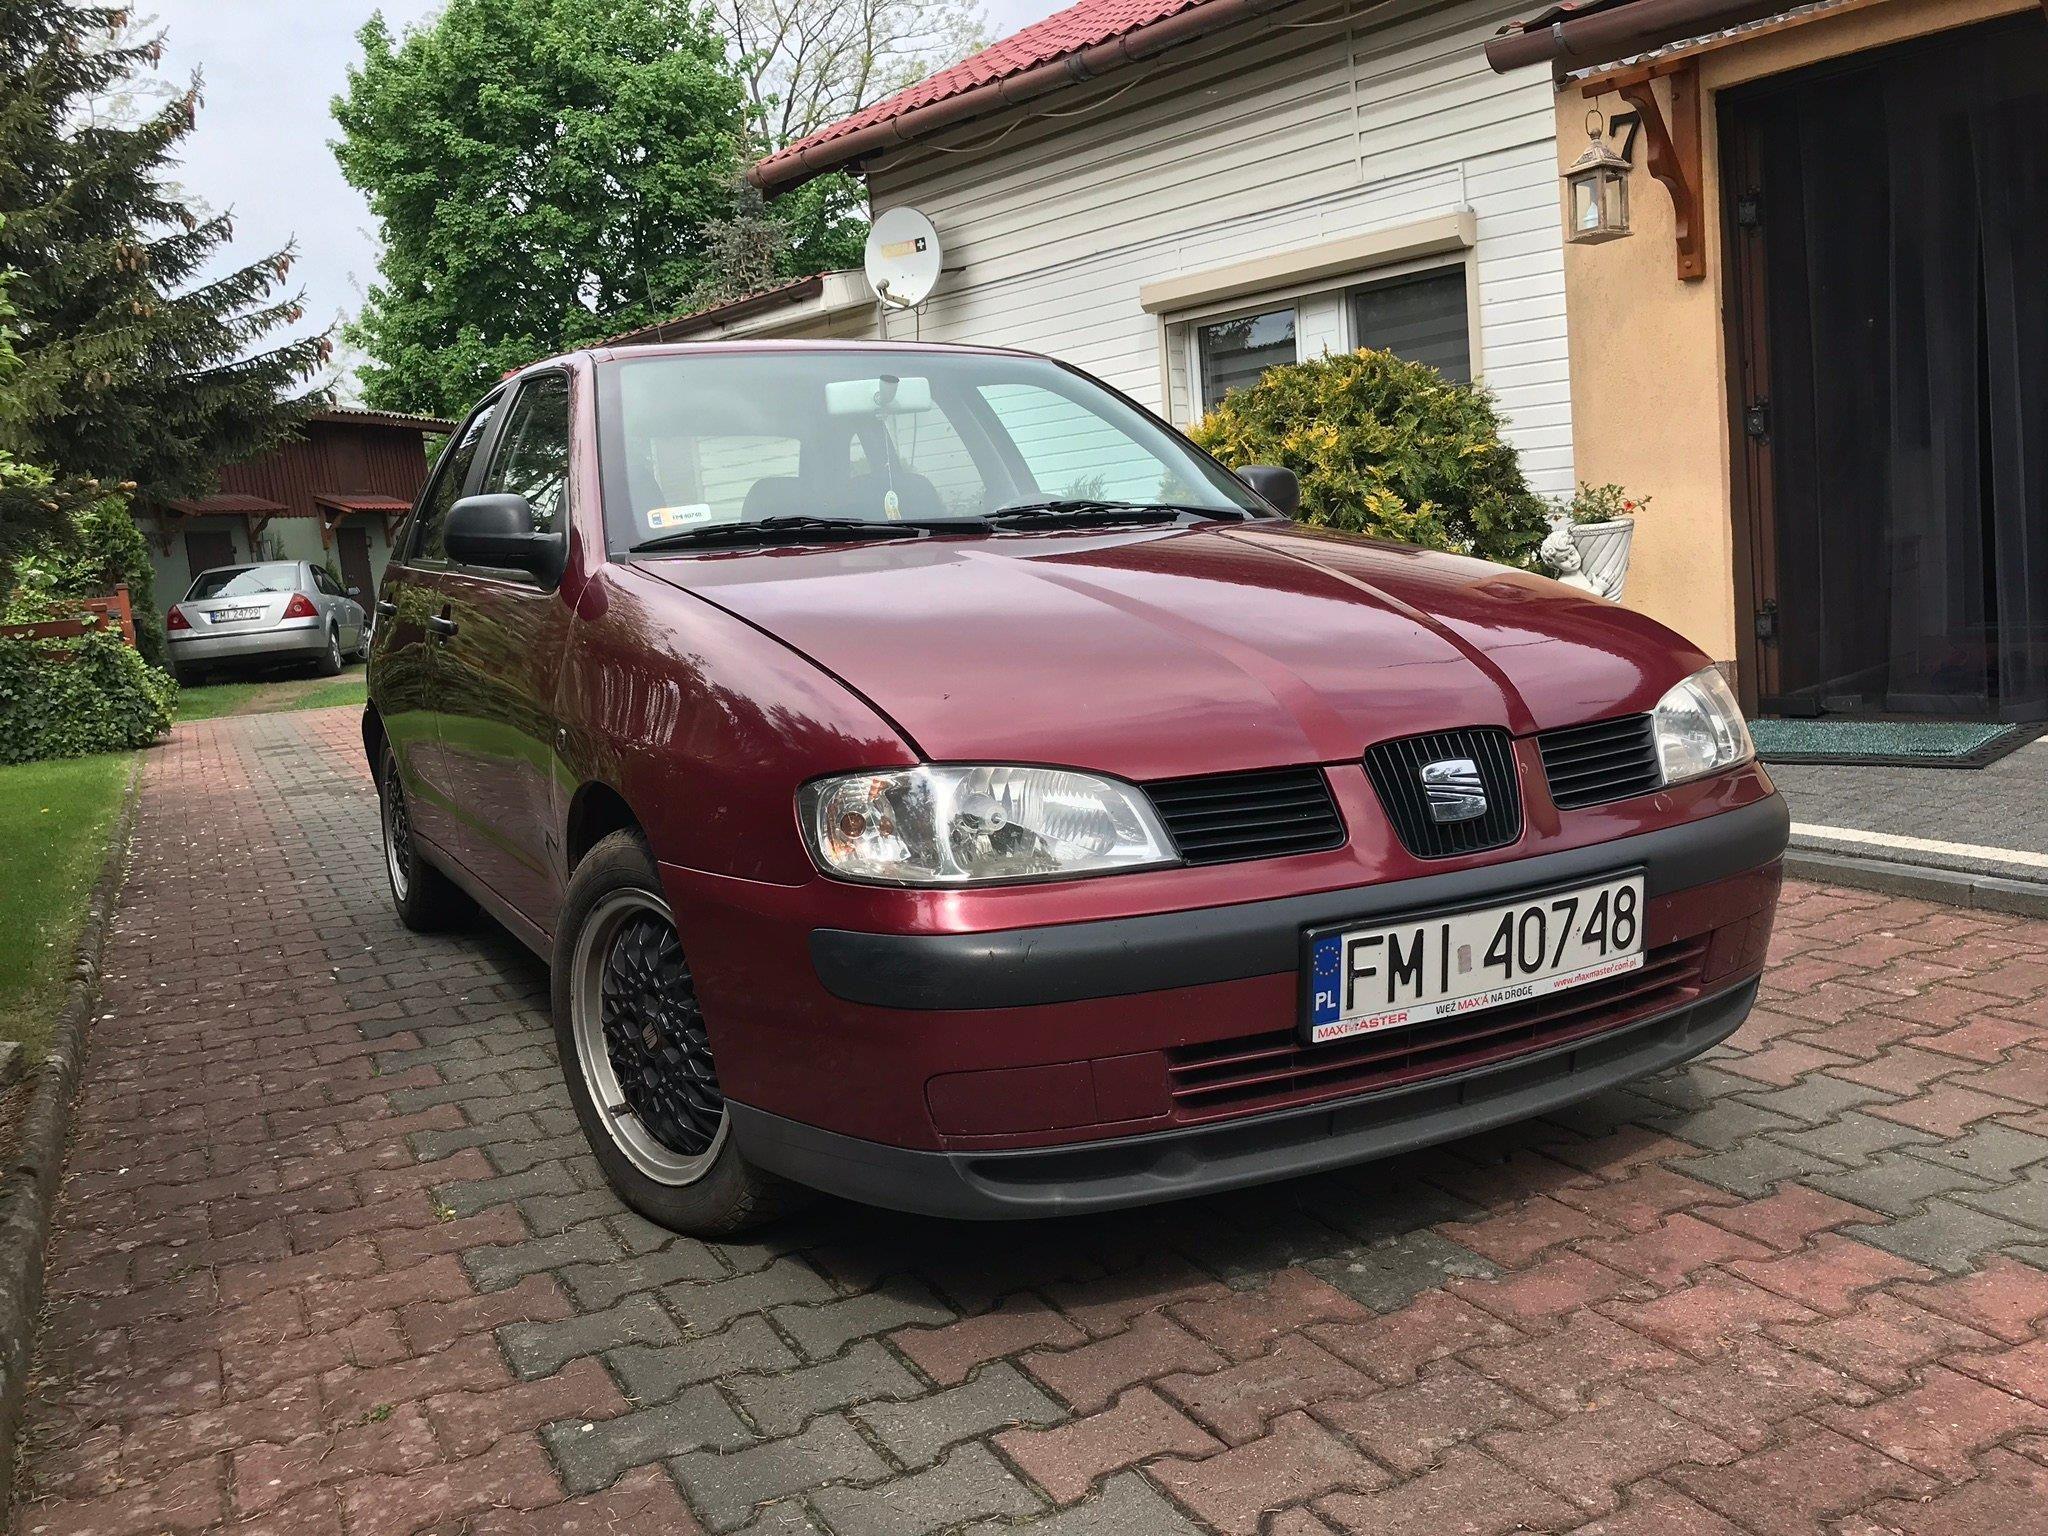 W Ultra Seat Ibiza II FL 2000 benzyna 60KM hatchback bordowy - Opinie i ES86